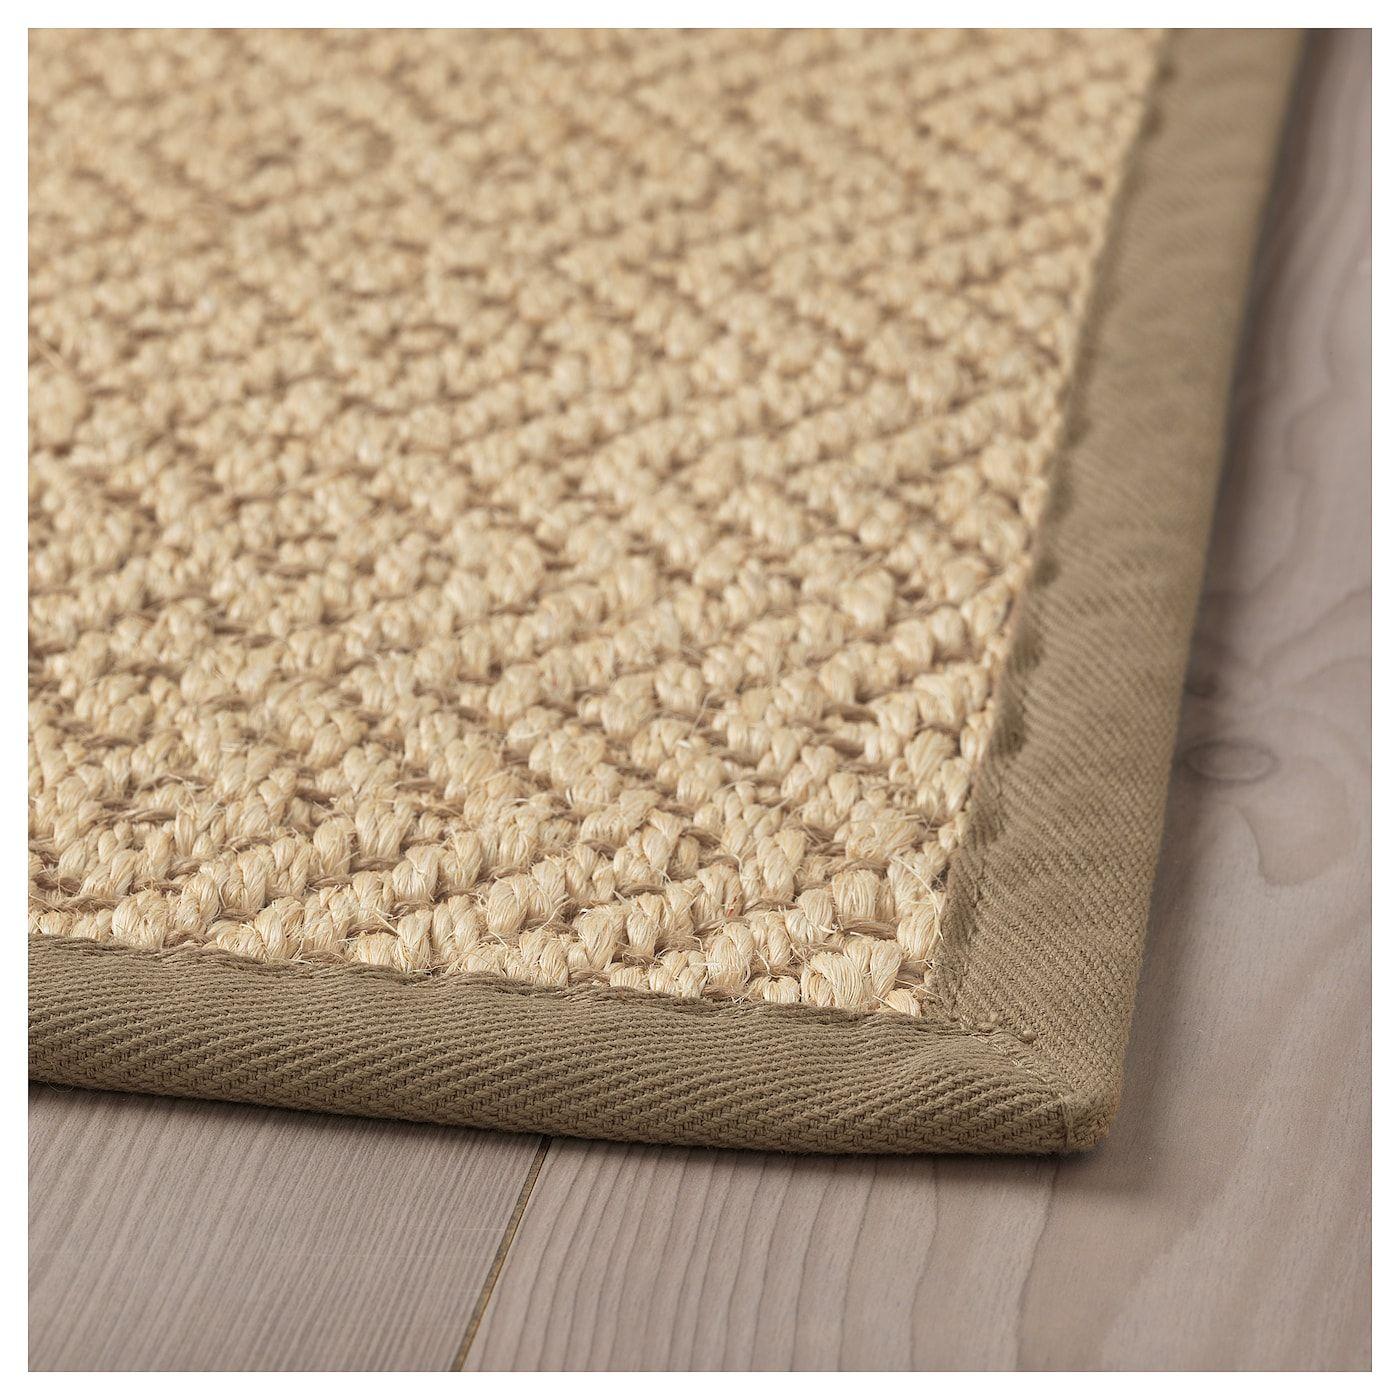 VISTOFT Tappeto, tessitura piatta naturale 170x240 cm